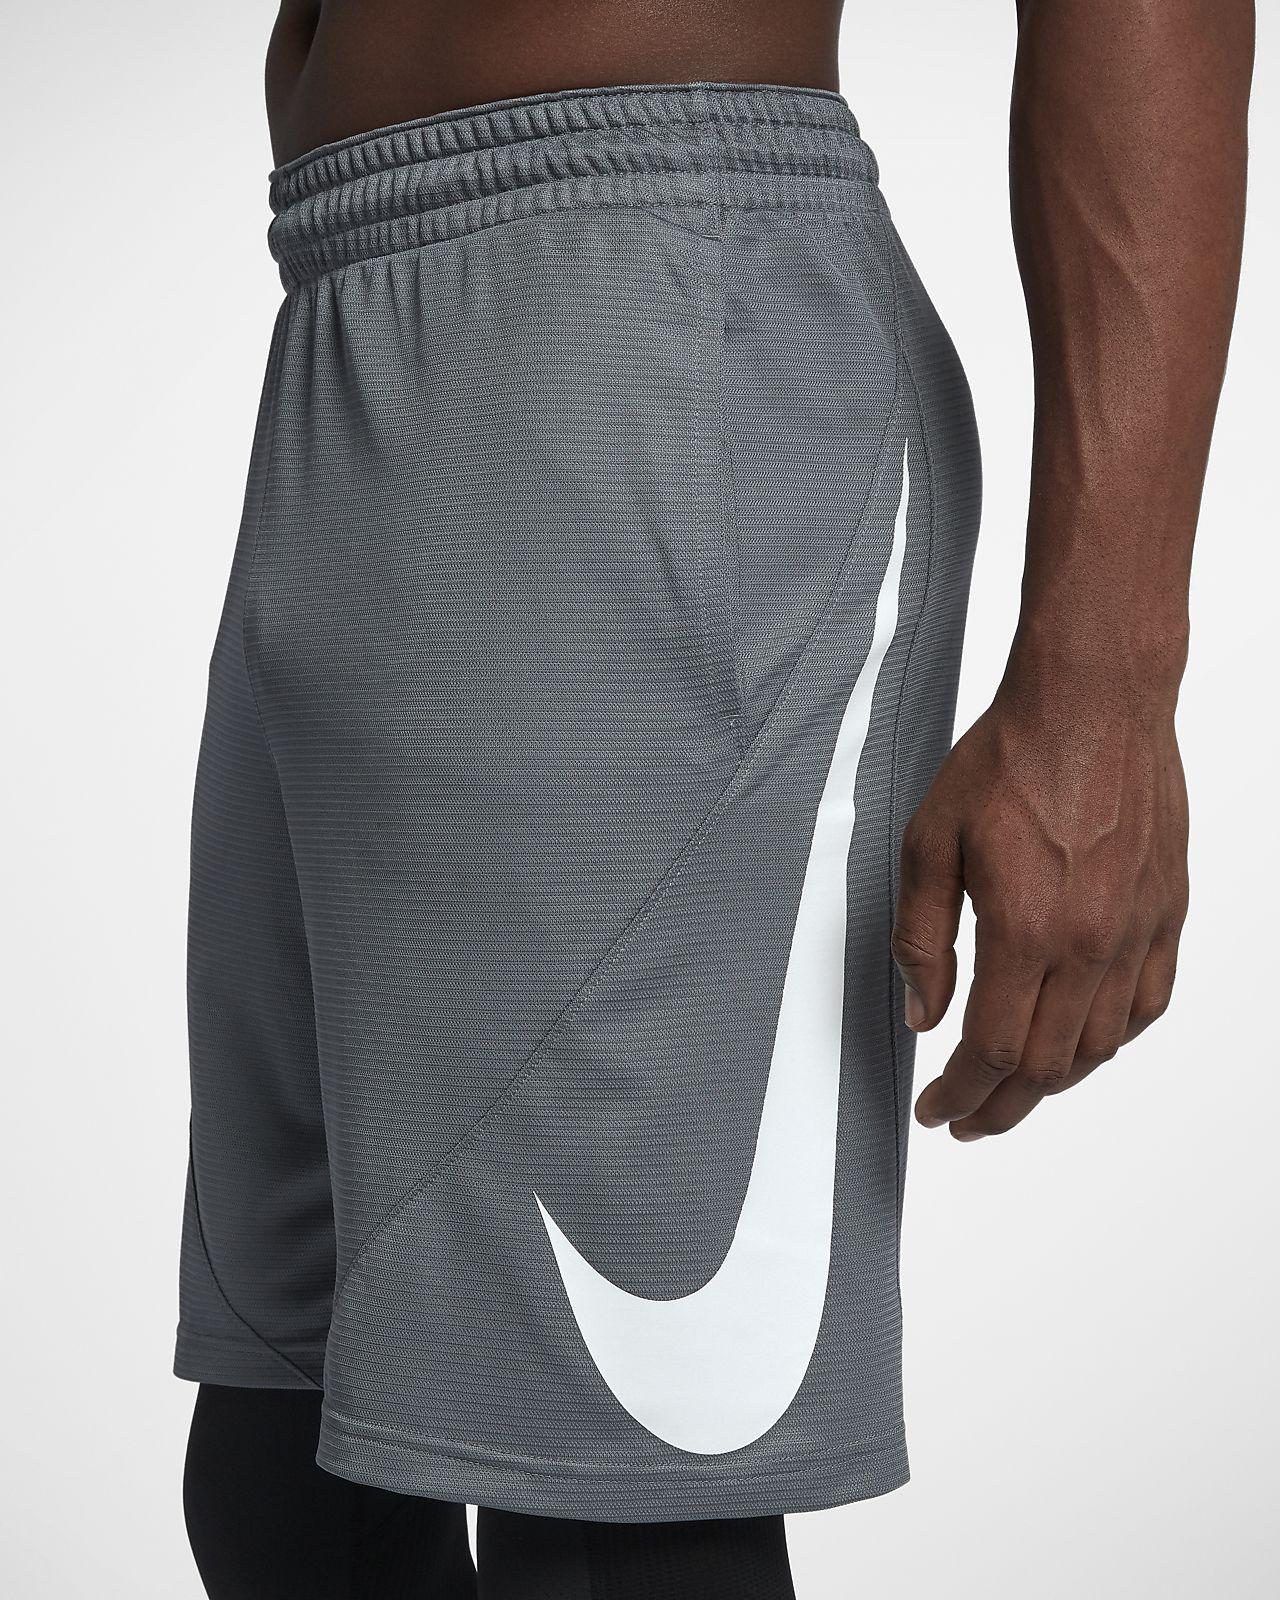 910704 Shorts Nike HBR